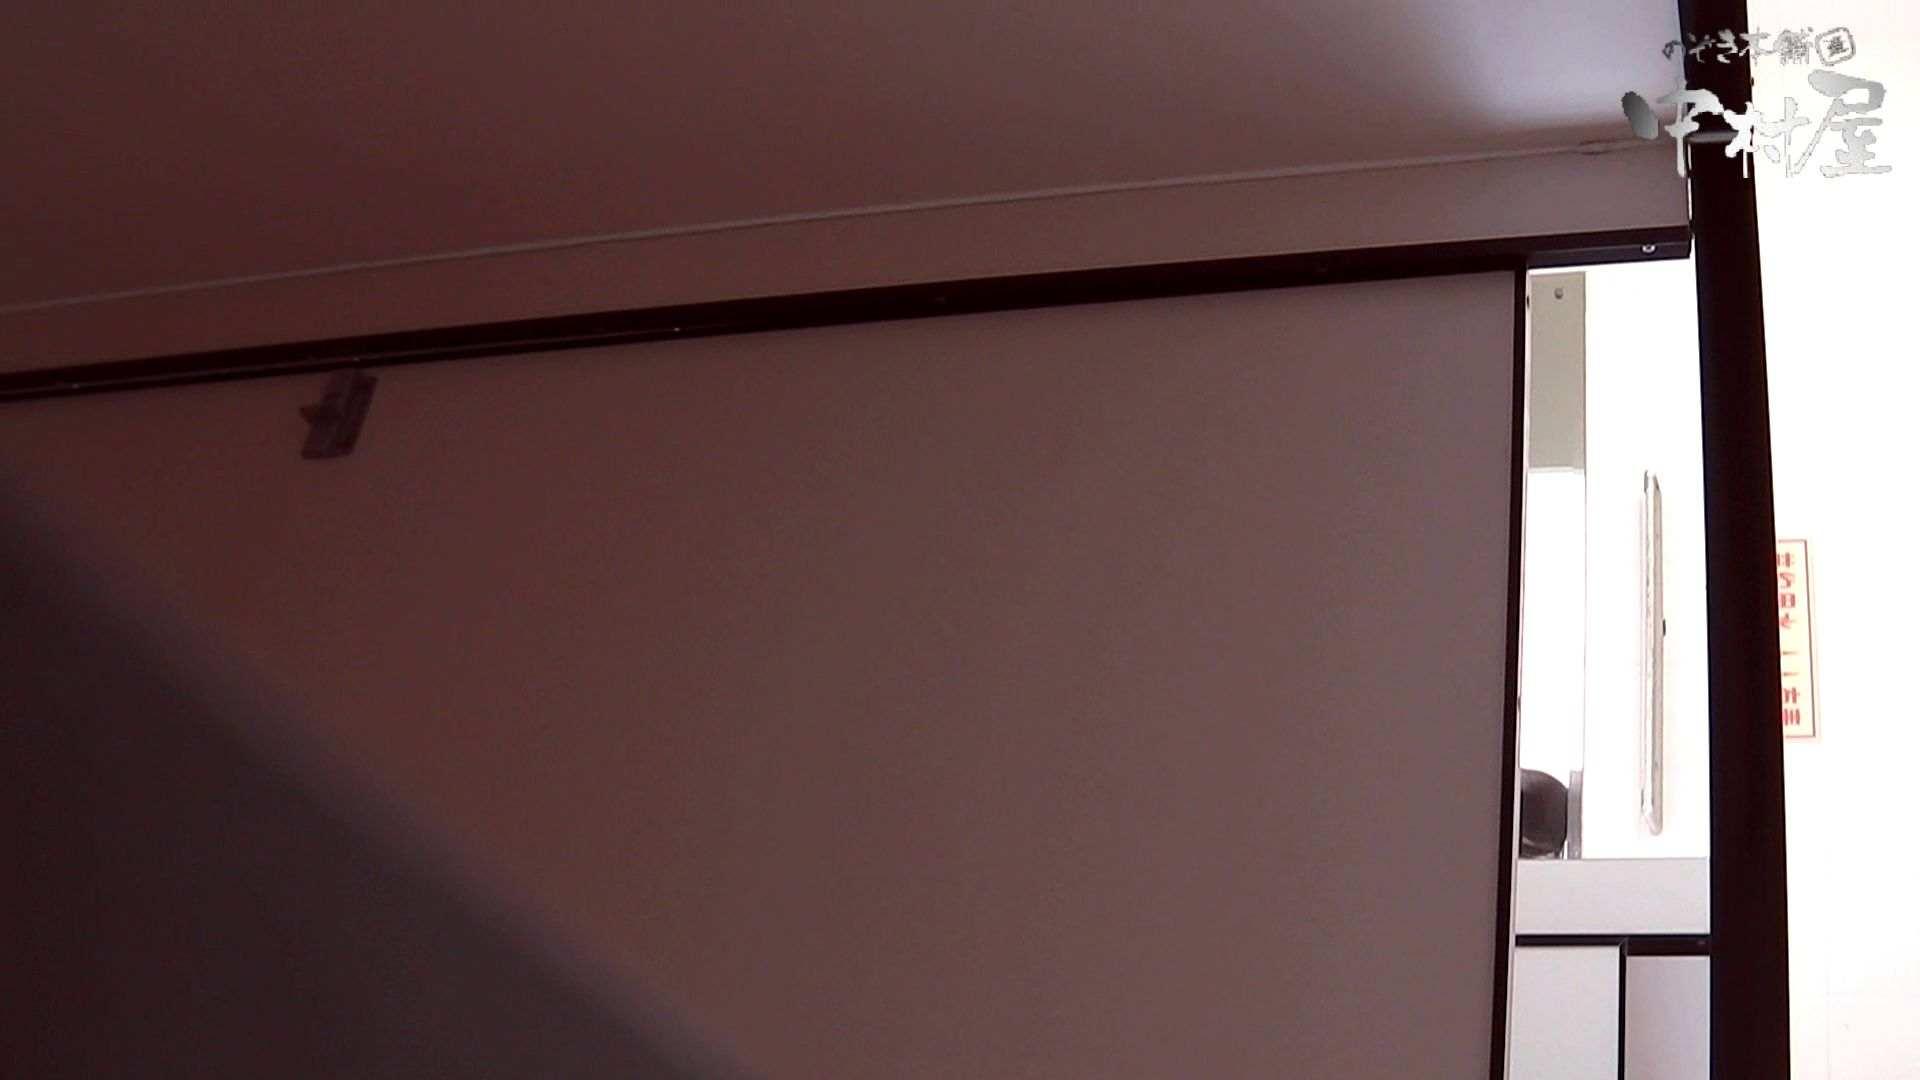 【世界の射窓から】世界の射窓から vol.5後編 OLハメ撮り  94Pix 85